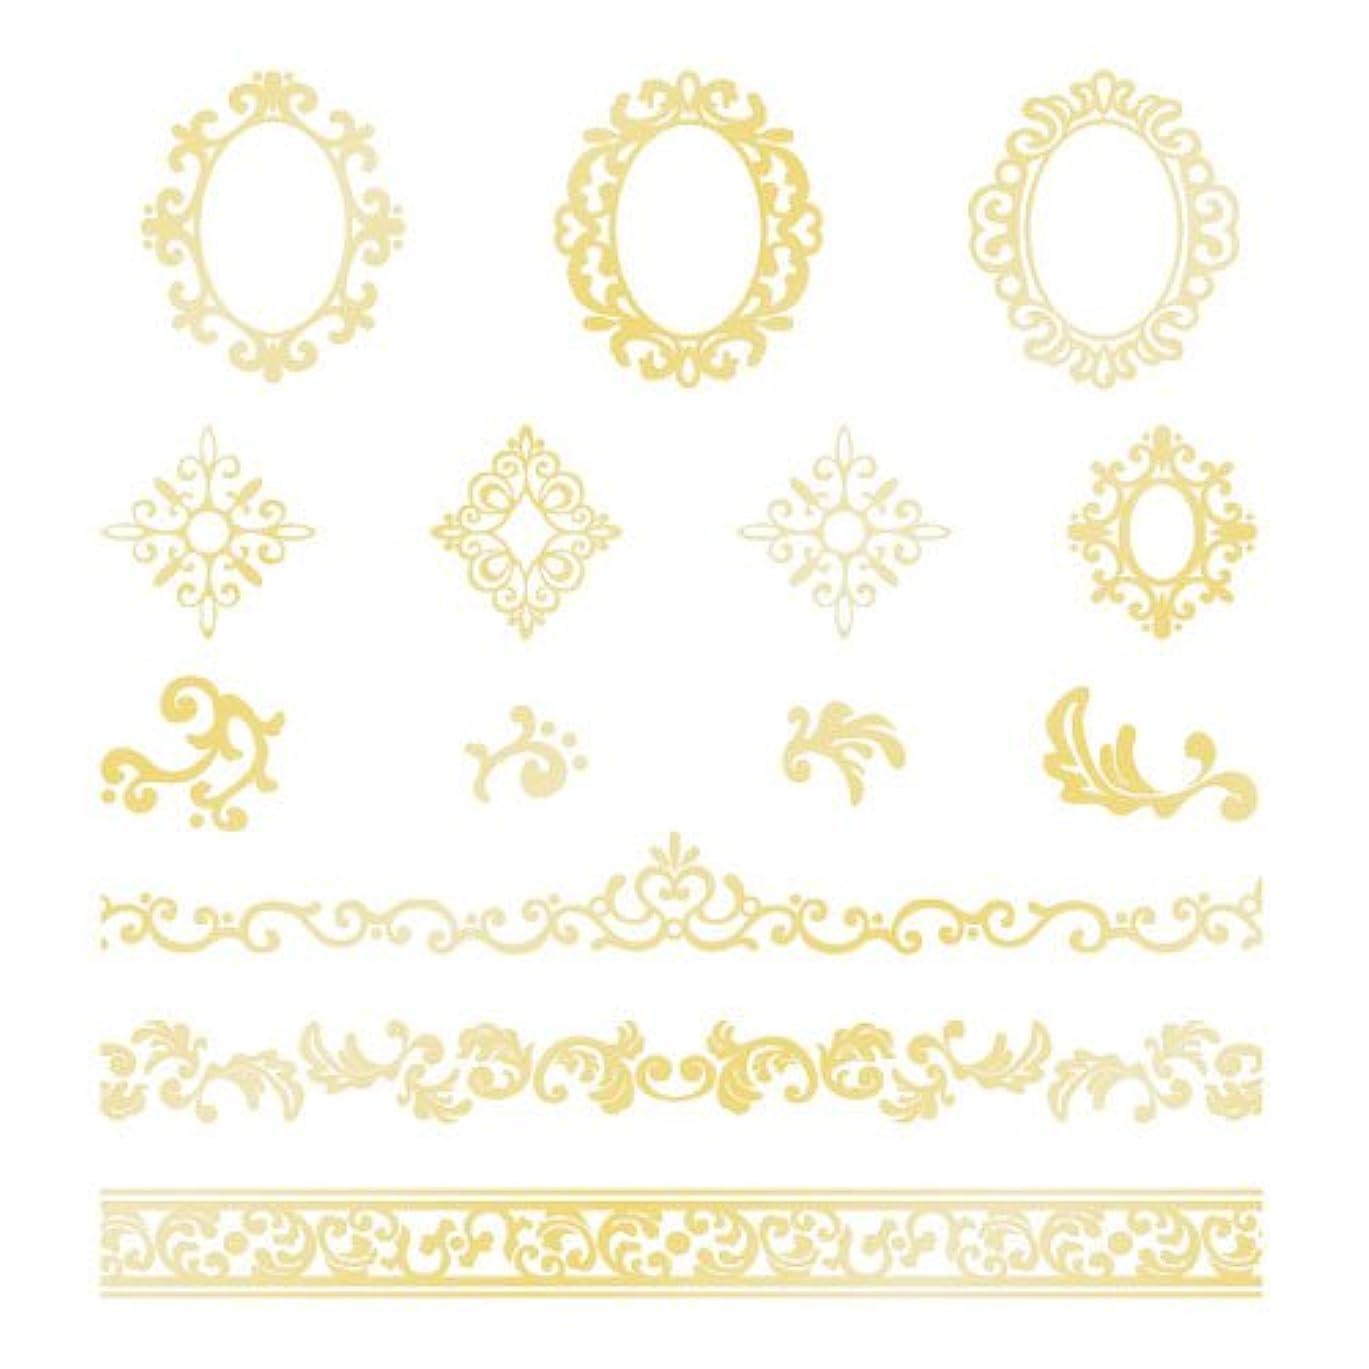 アクセシブルキャラバンガラスツメキラ ネイル用シール  プレミアム ロココ ゴールド